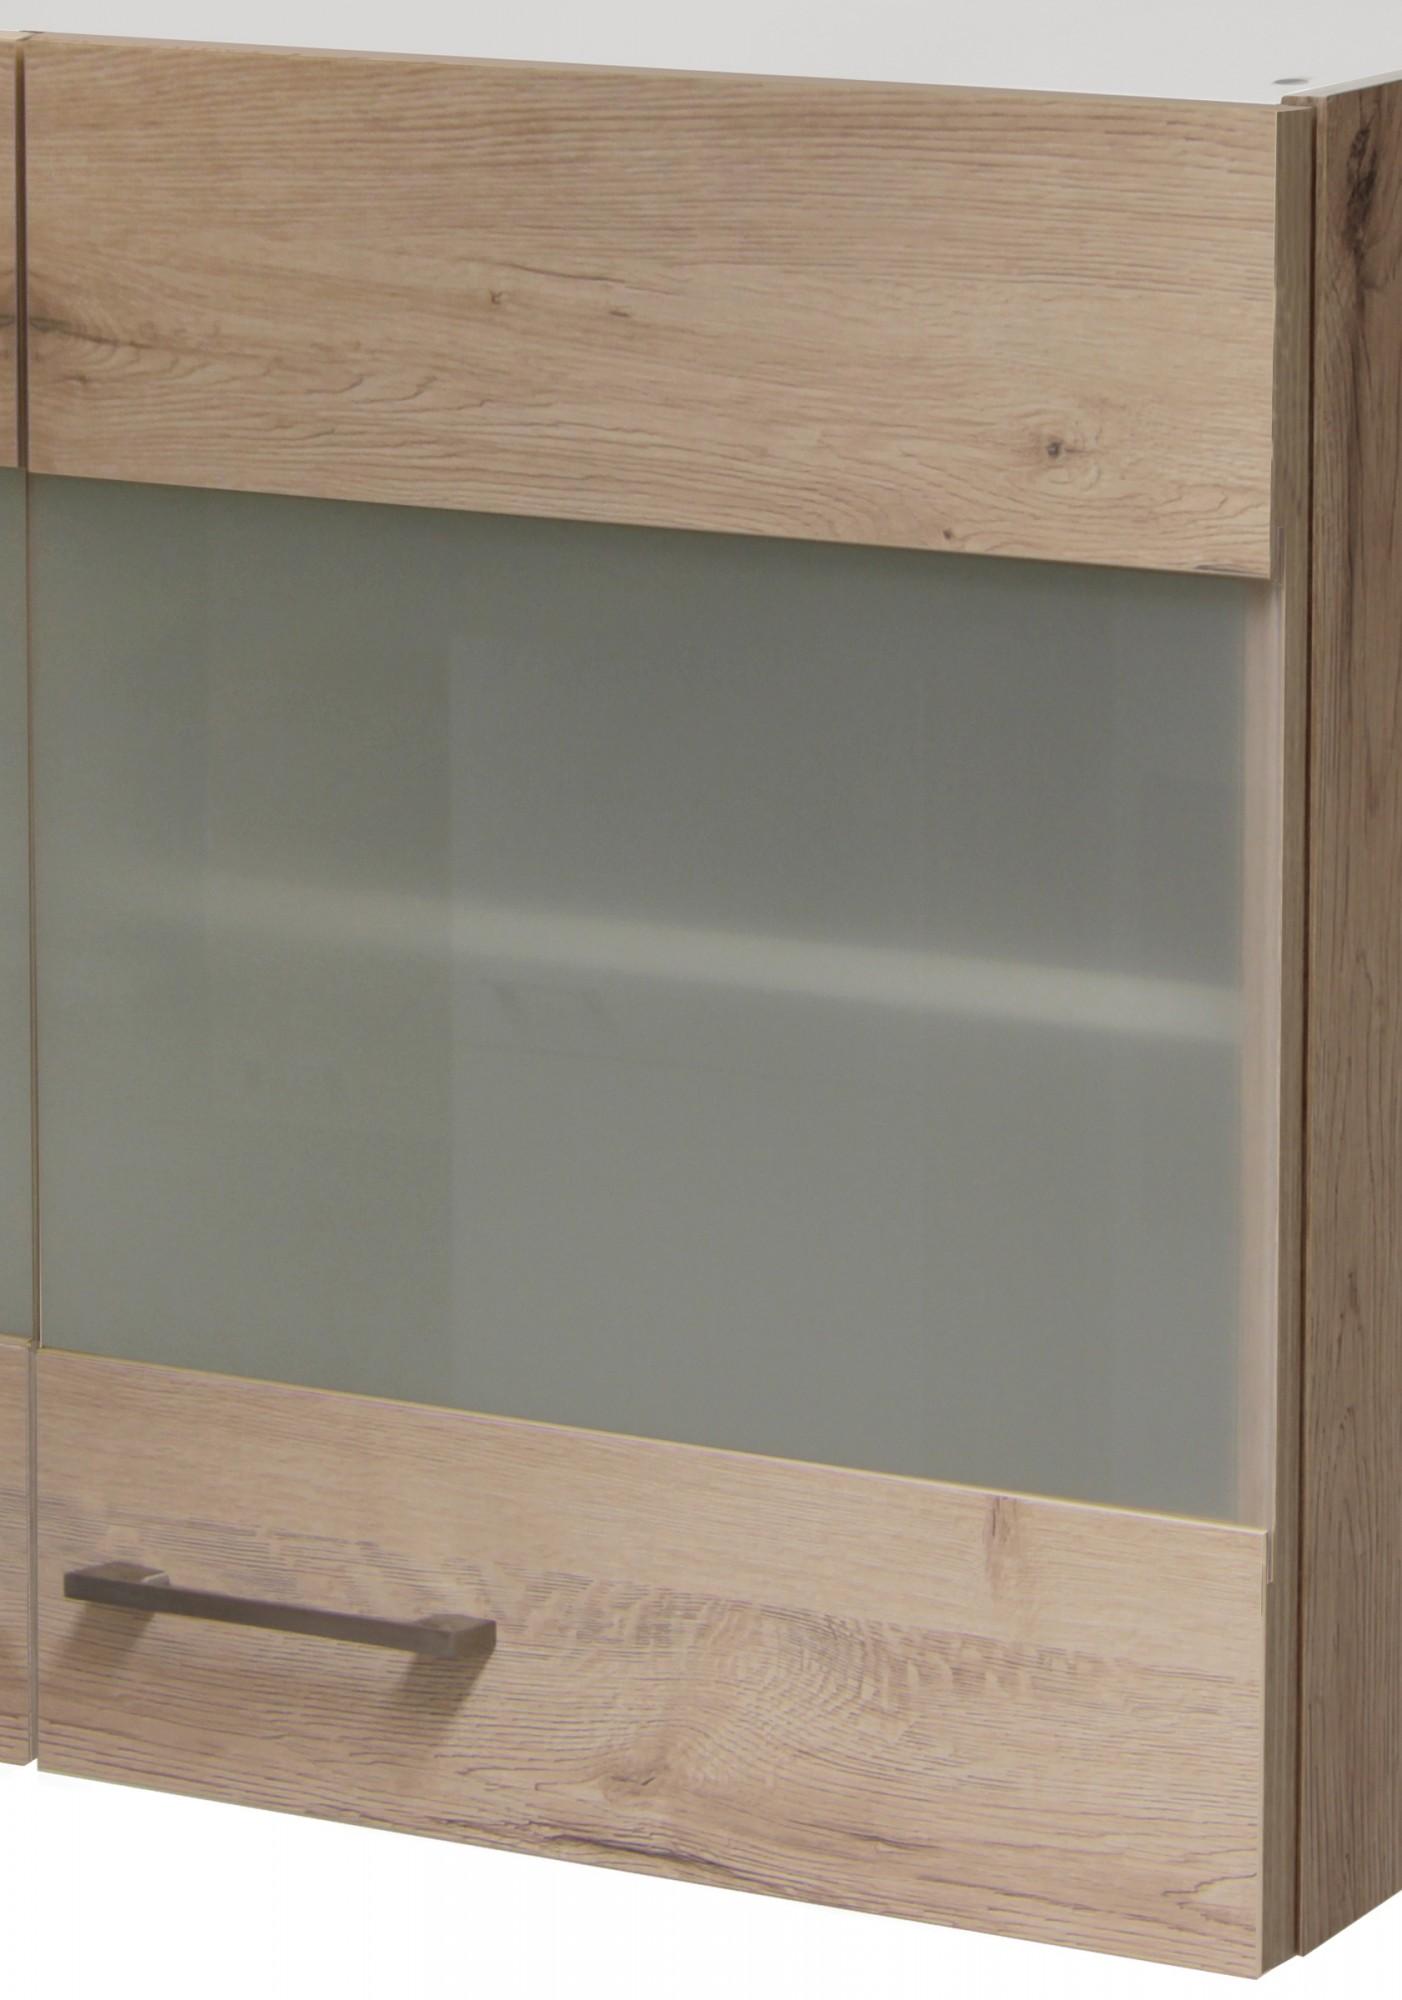 glas h ngeschrank riva oberschrank k chenschrank glas t ren 100cm eiche san remo ebay. Black Bedroom Furniture Sets. Home Design Ideas